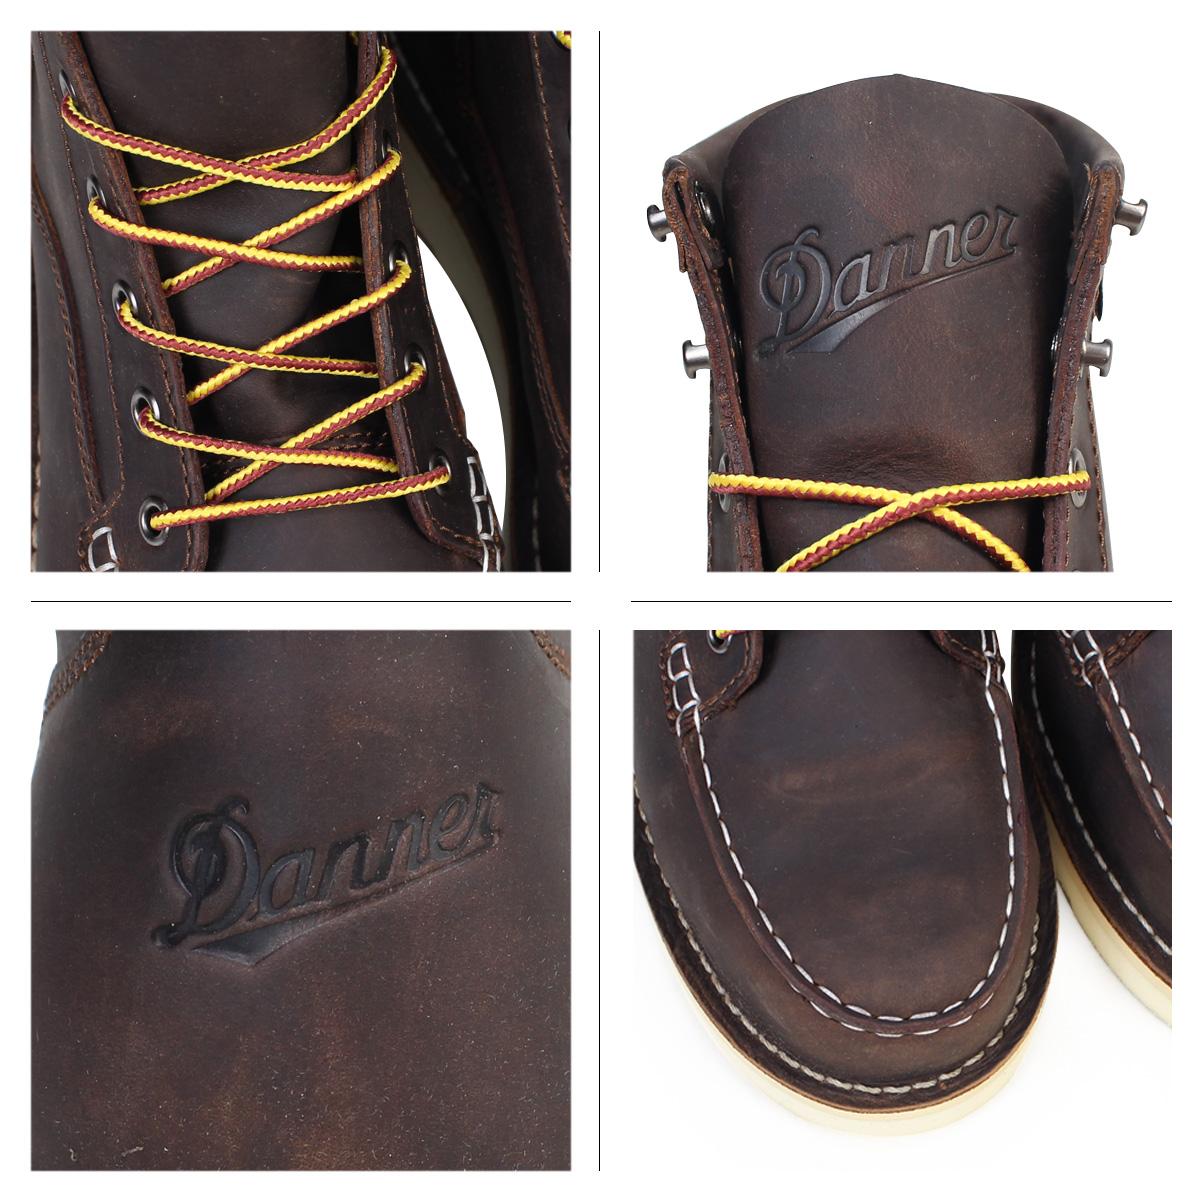 636306d565ba Danner boots Danner BULL RUN MOC TOE 6INCH 15564 EE Wise men brown  8 23  Shinnyu load